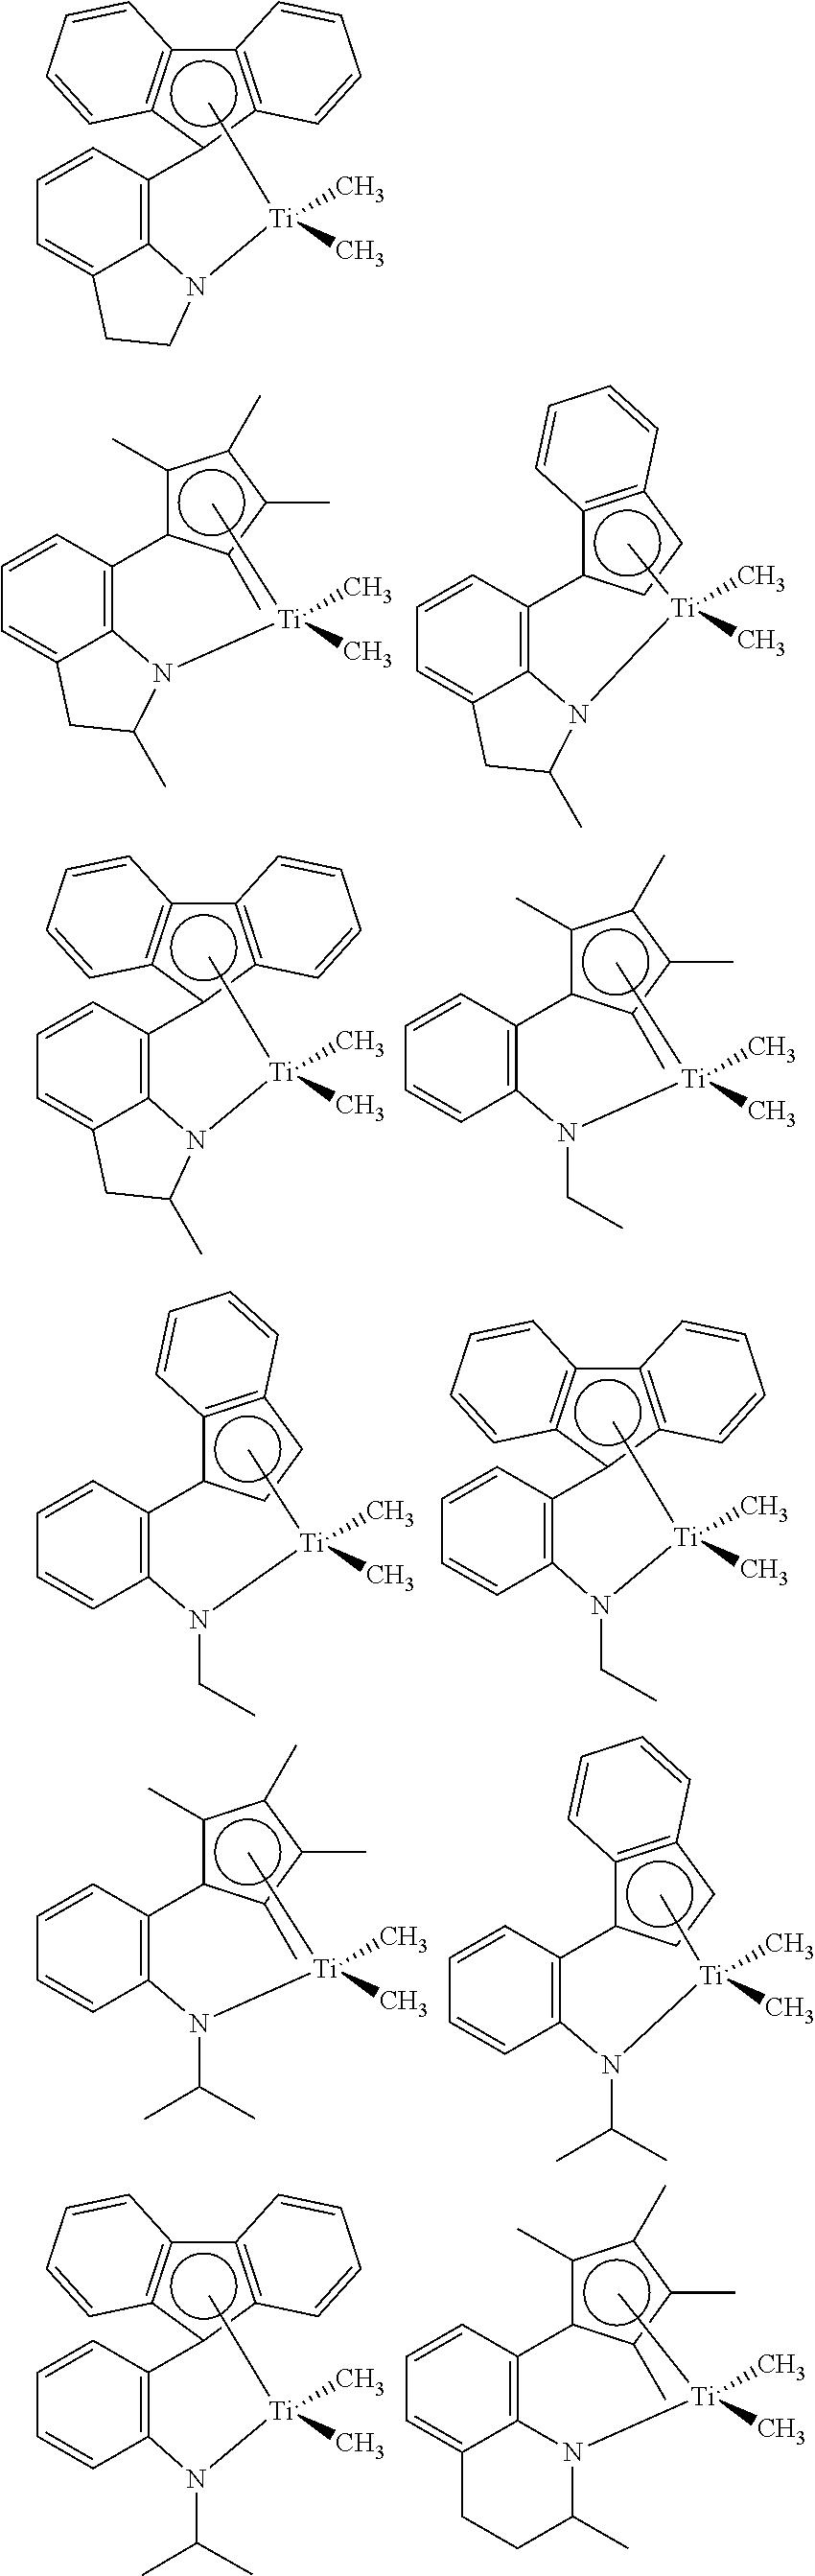 Figure US20110172451A1-20110714-C00020